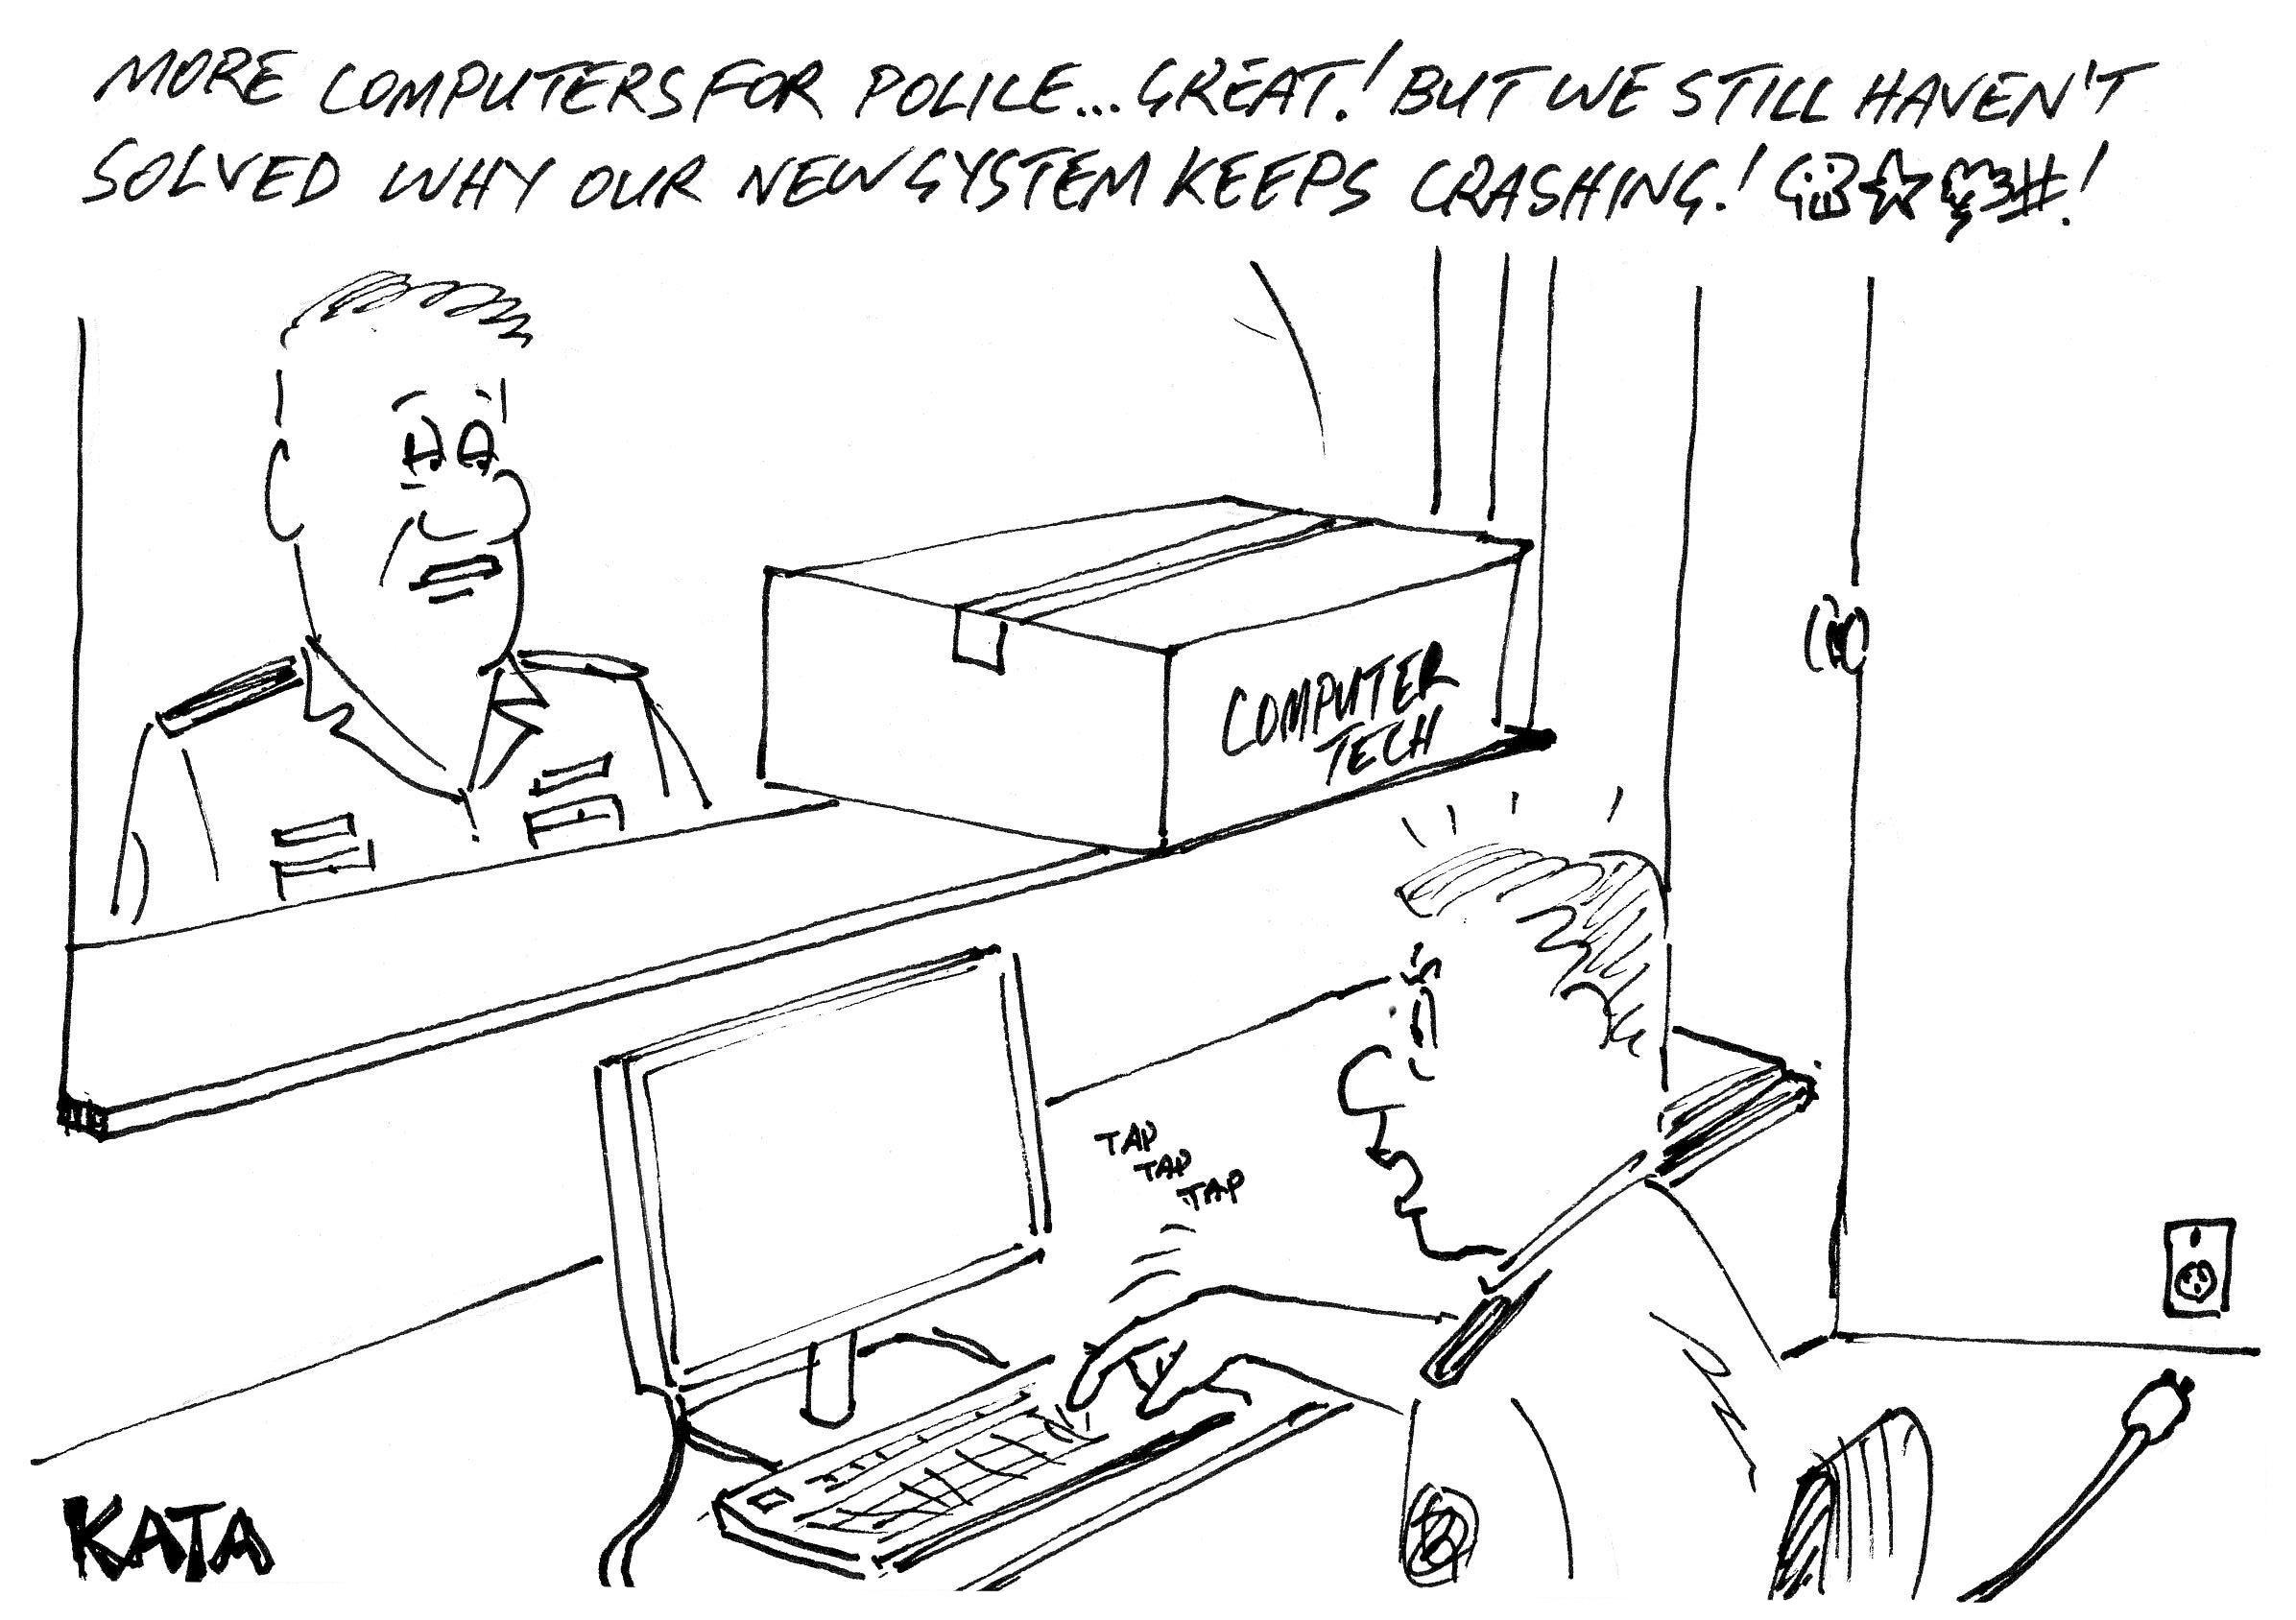 KATA: New computers for cops